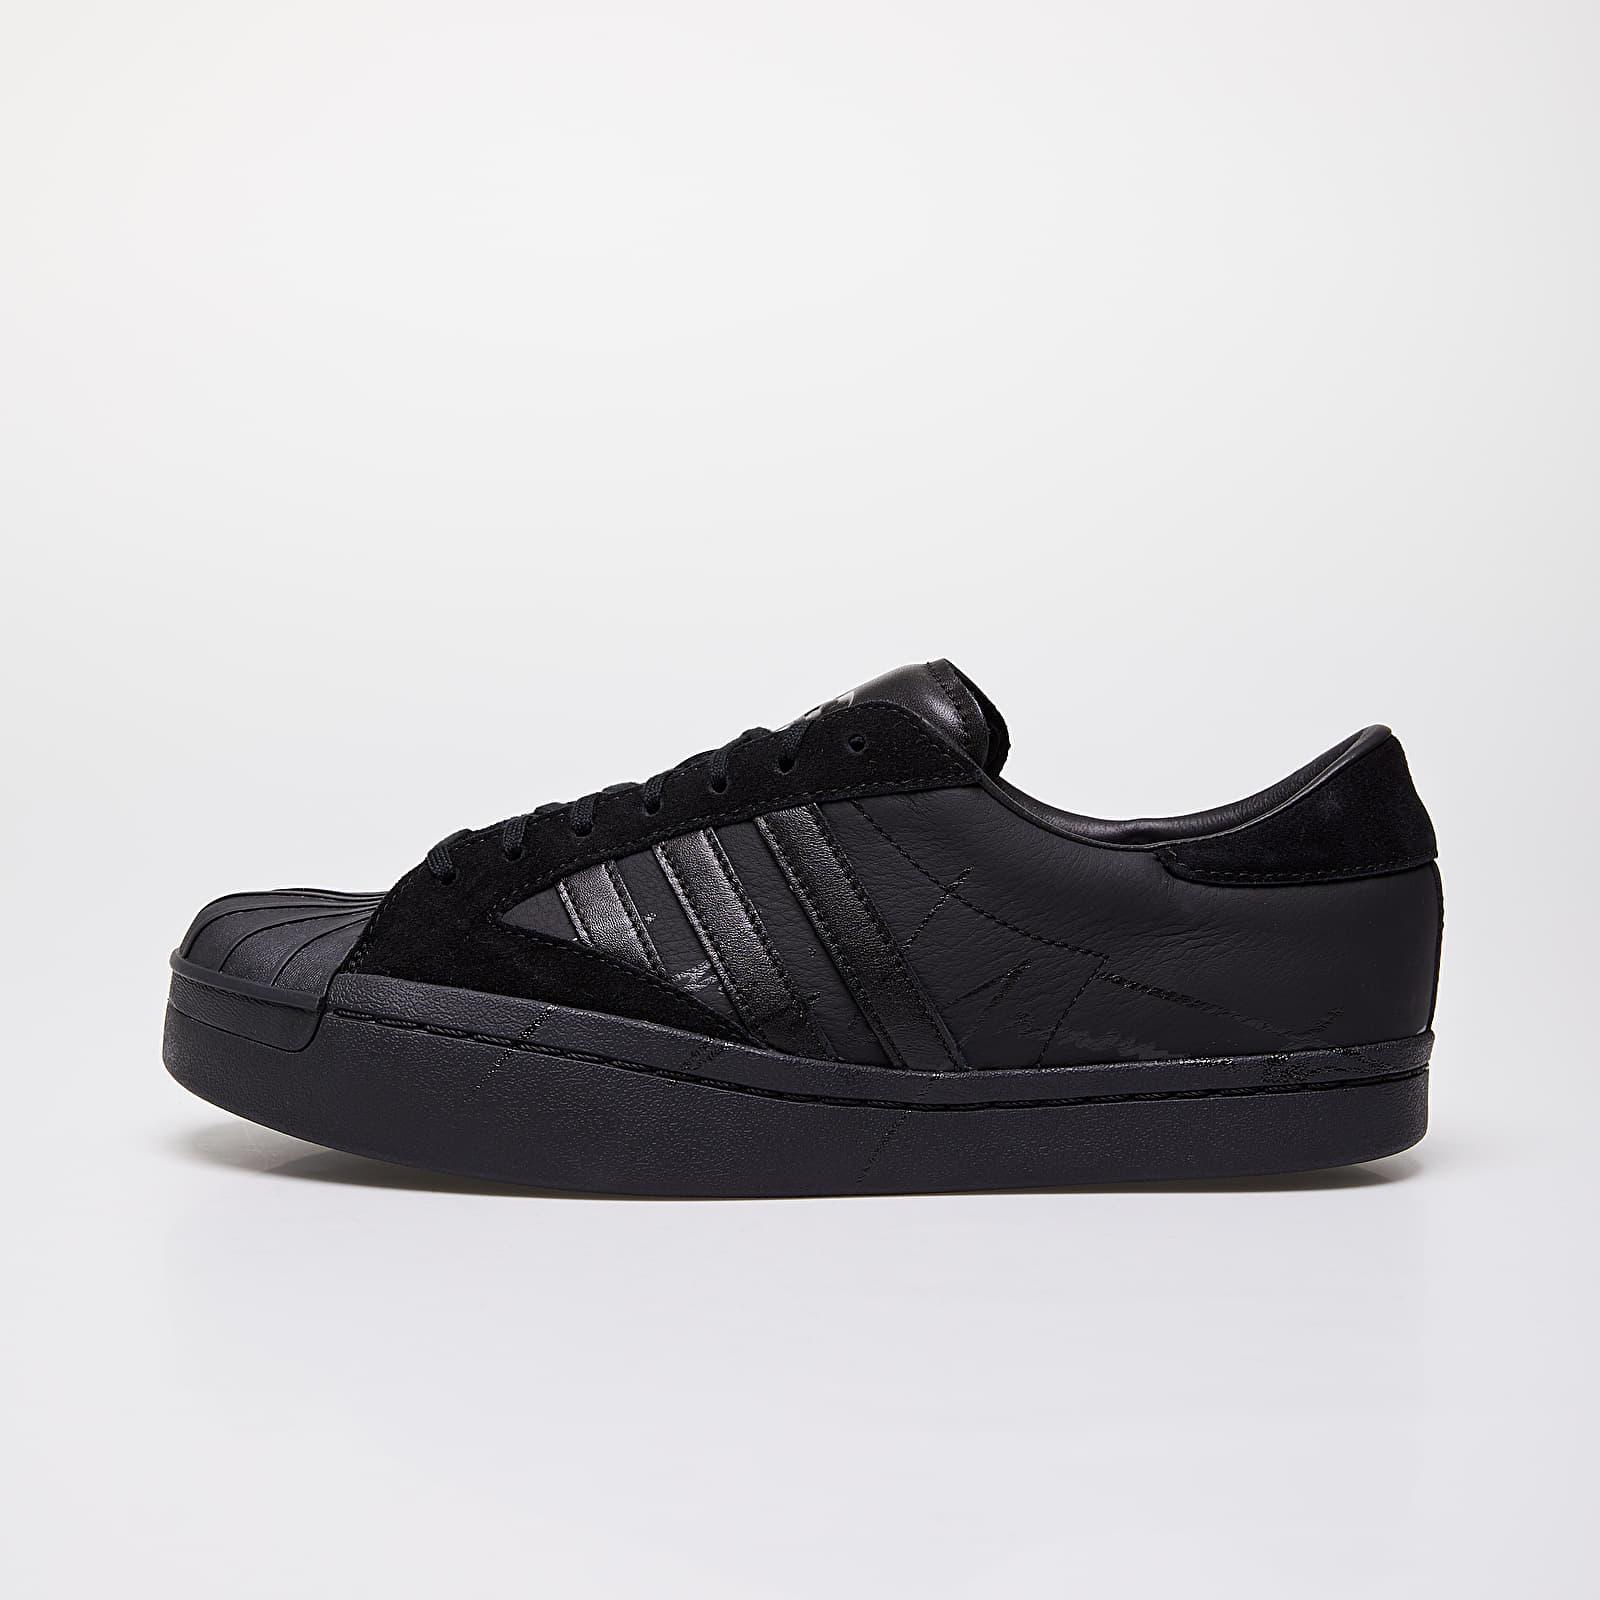 Încălțăminte și sneakerși pentru bărbați Y-3 Yohji Star Black/ Ftw white/ Black